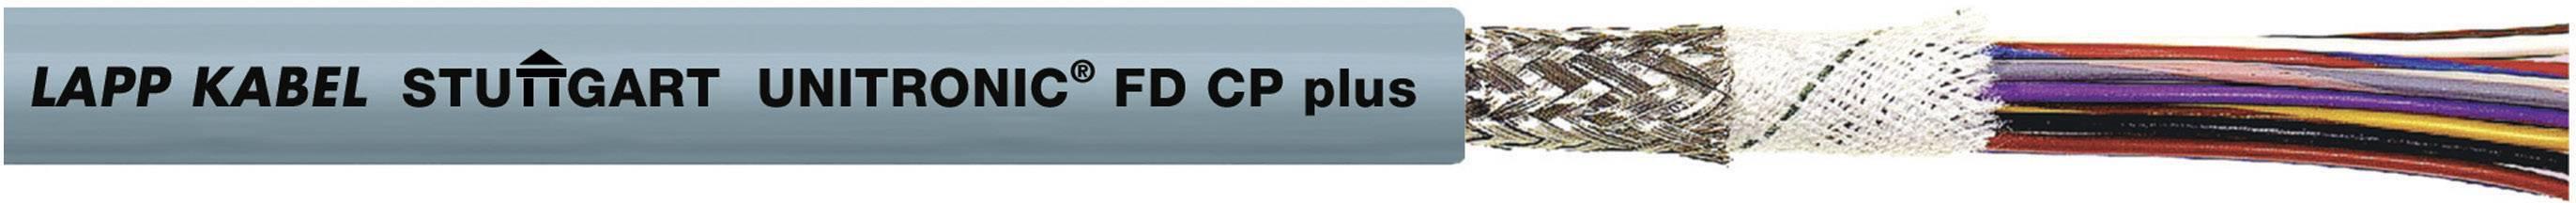 Datový kabel LappKabel UNITRONIC FD CP PLUS 5X0,34 (0028901), 5x 0,34 mm², Ø 6,5 mm, stíněný, 300 m, šedá